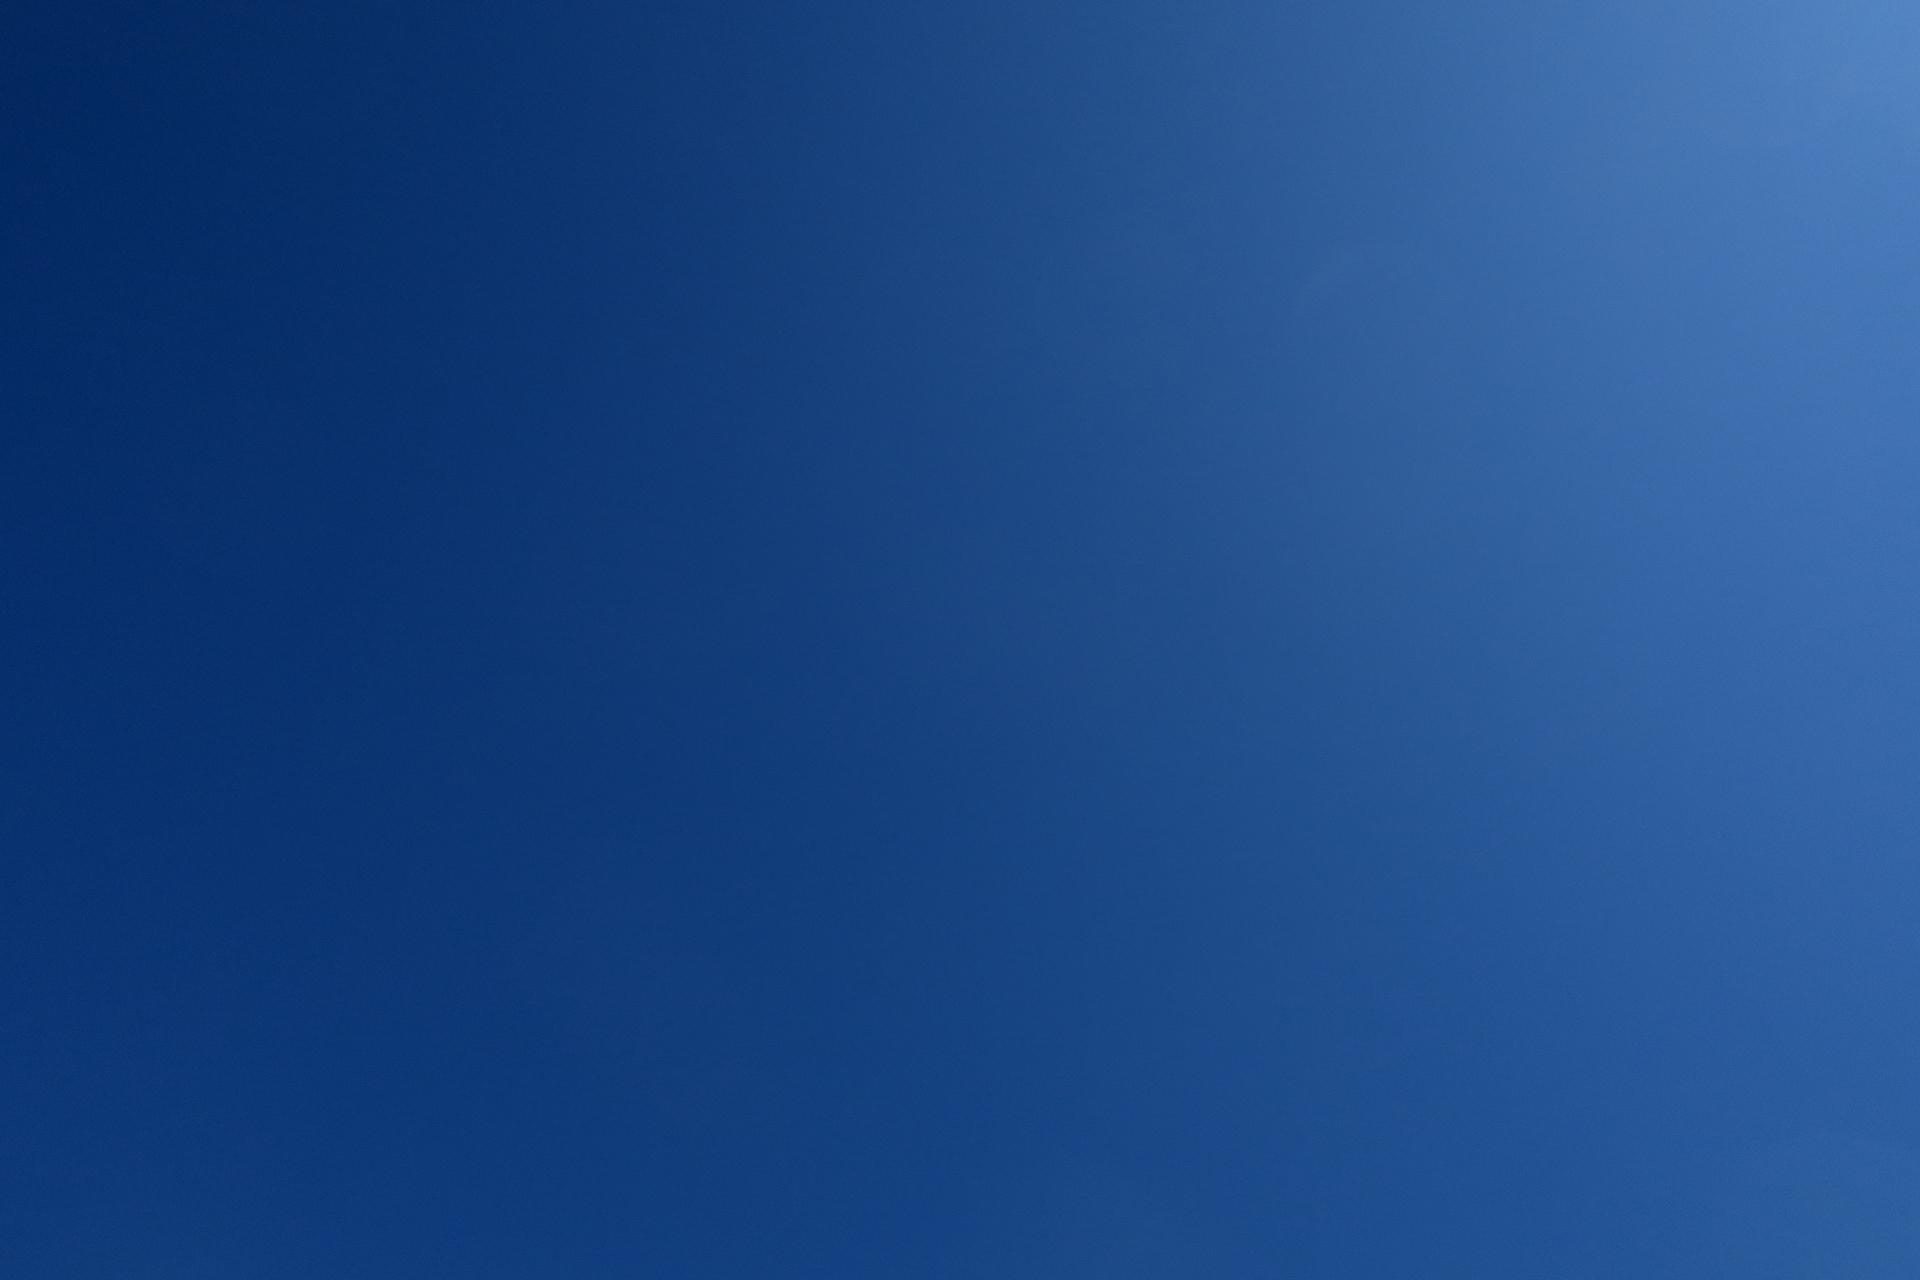 今日は雲なし